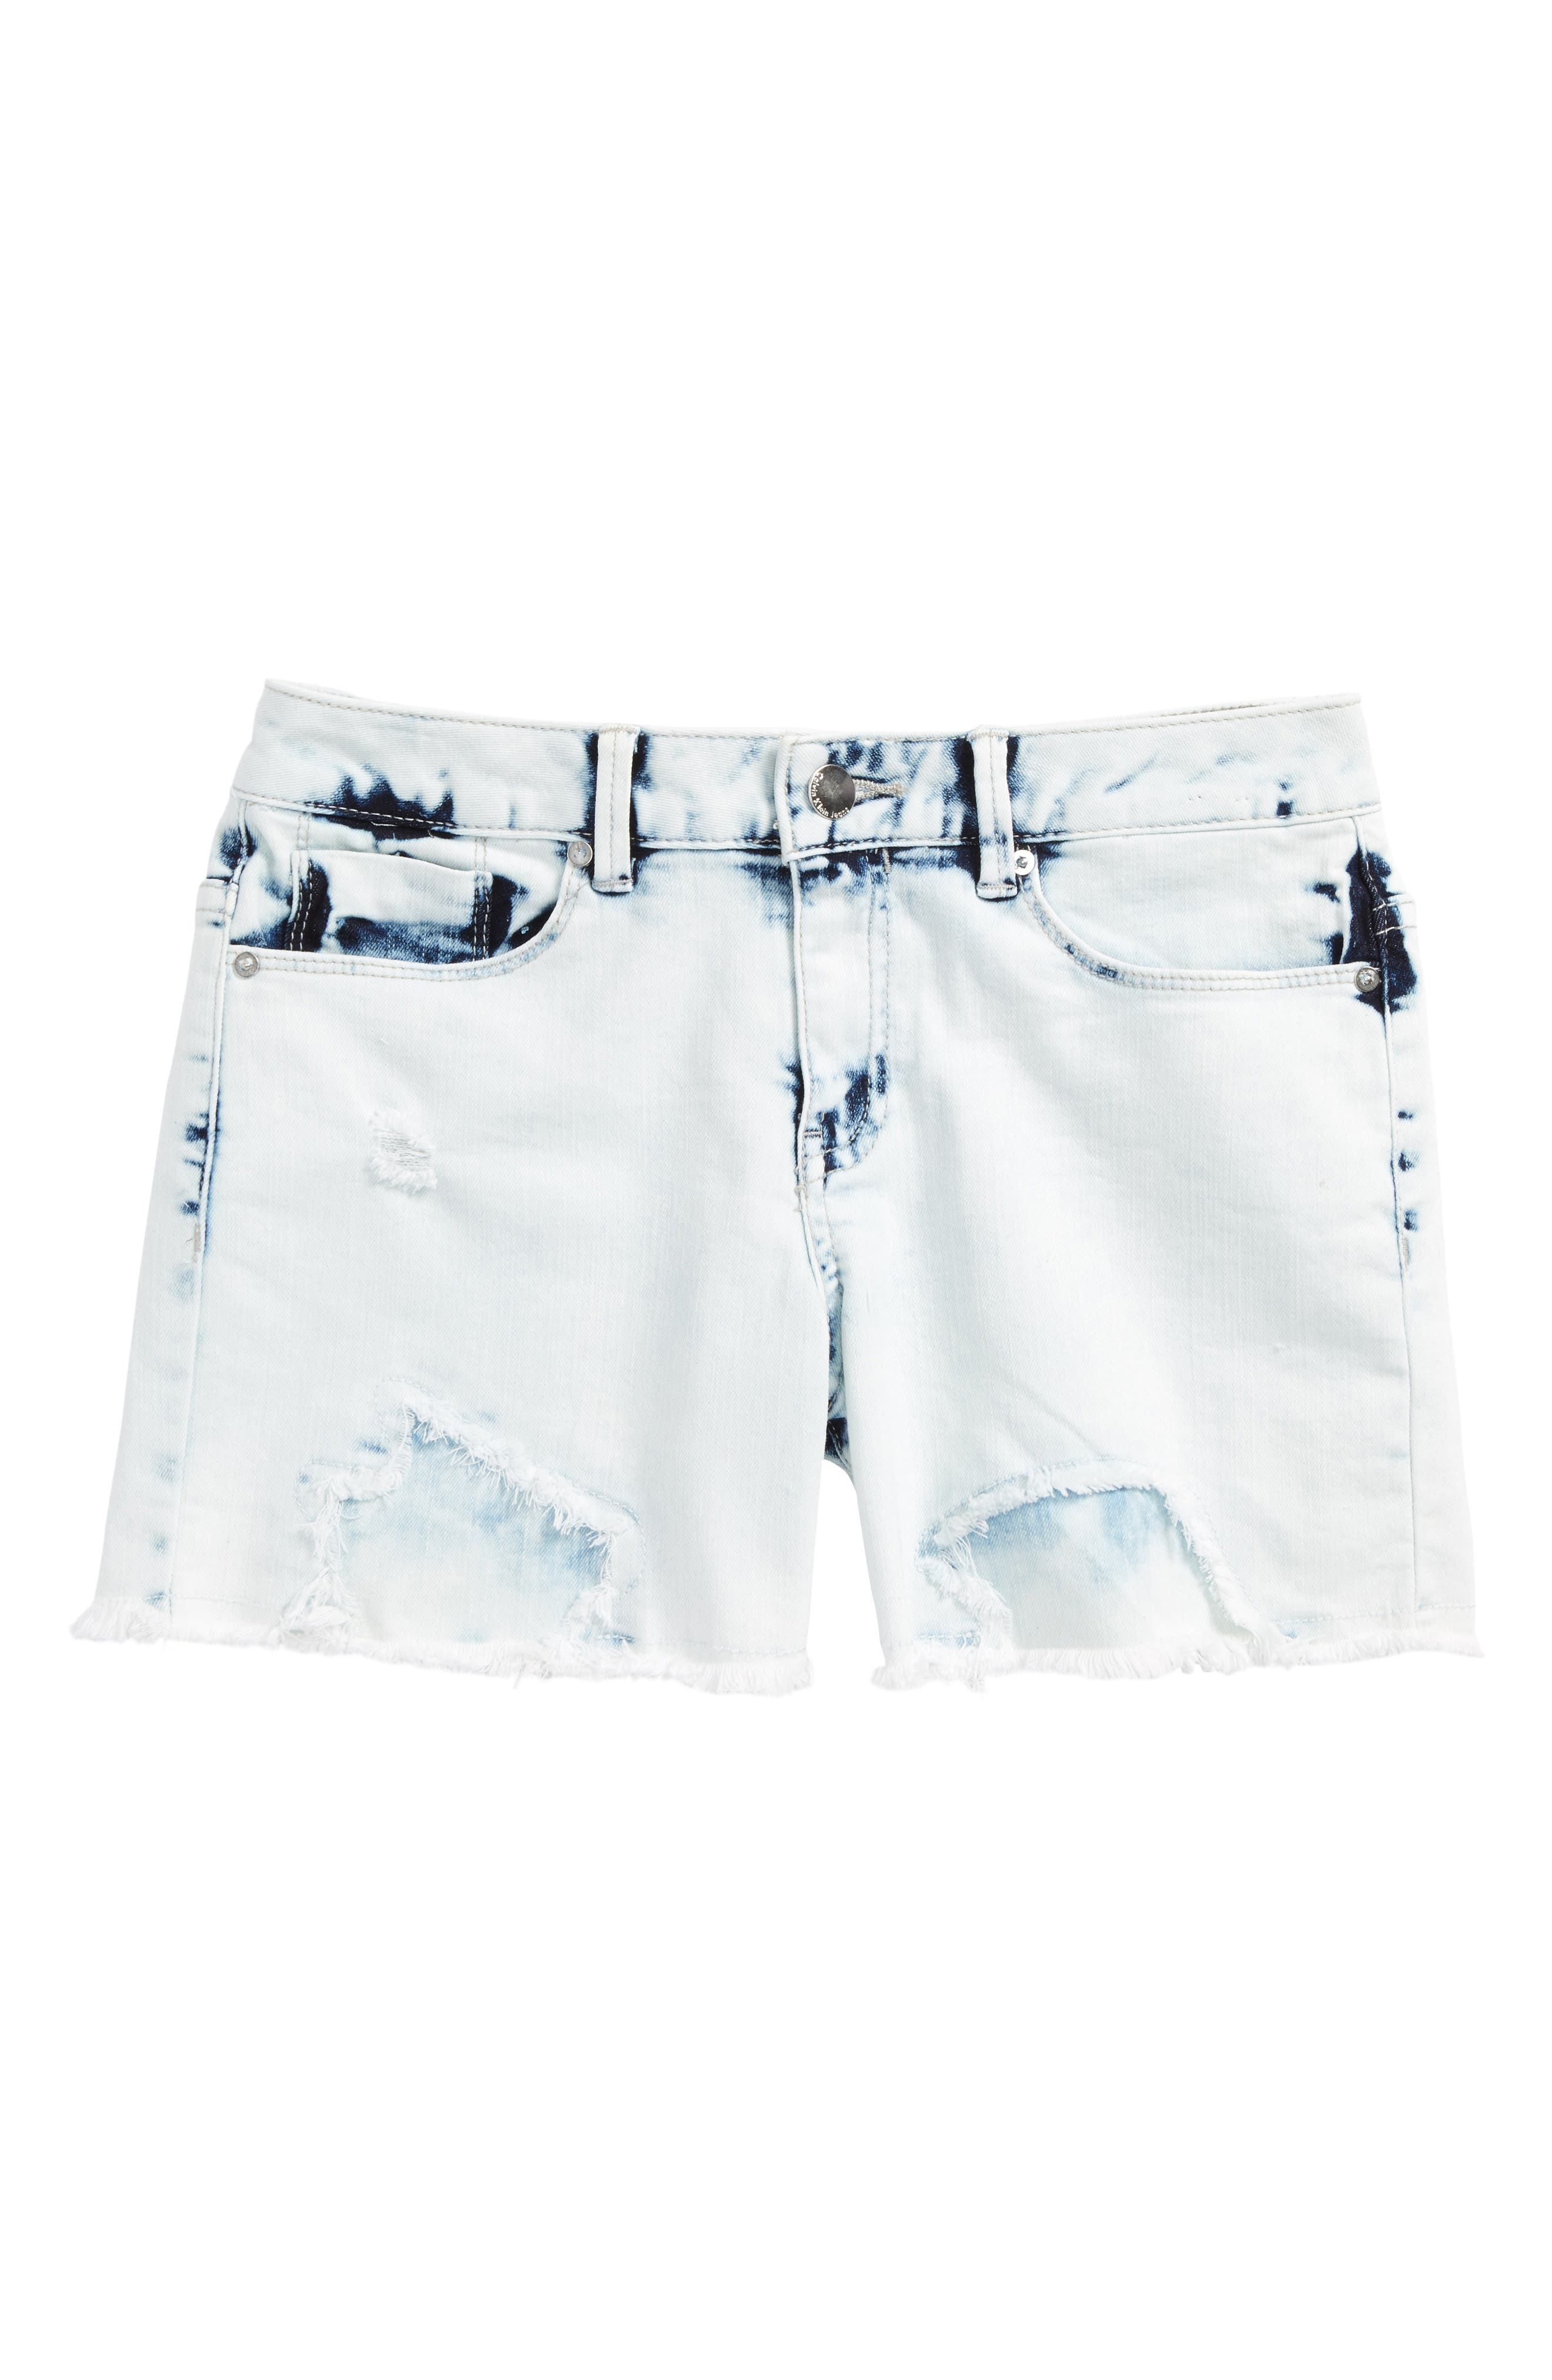 Alternate Image 1 Selected - Calvin Klein Extreme Destroy Denim Shorts (Big Girls)